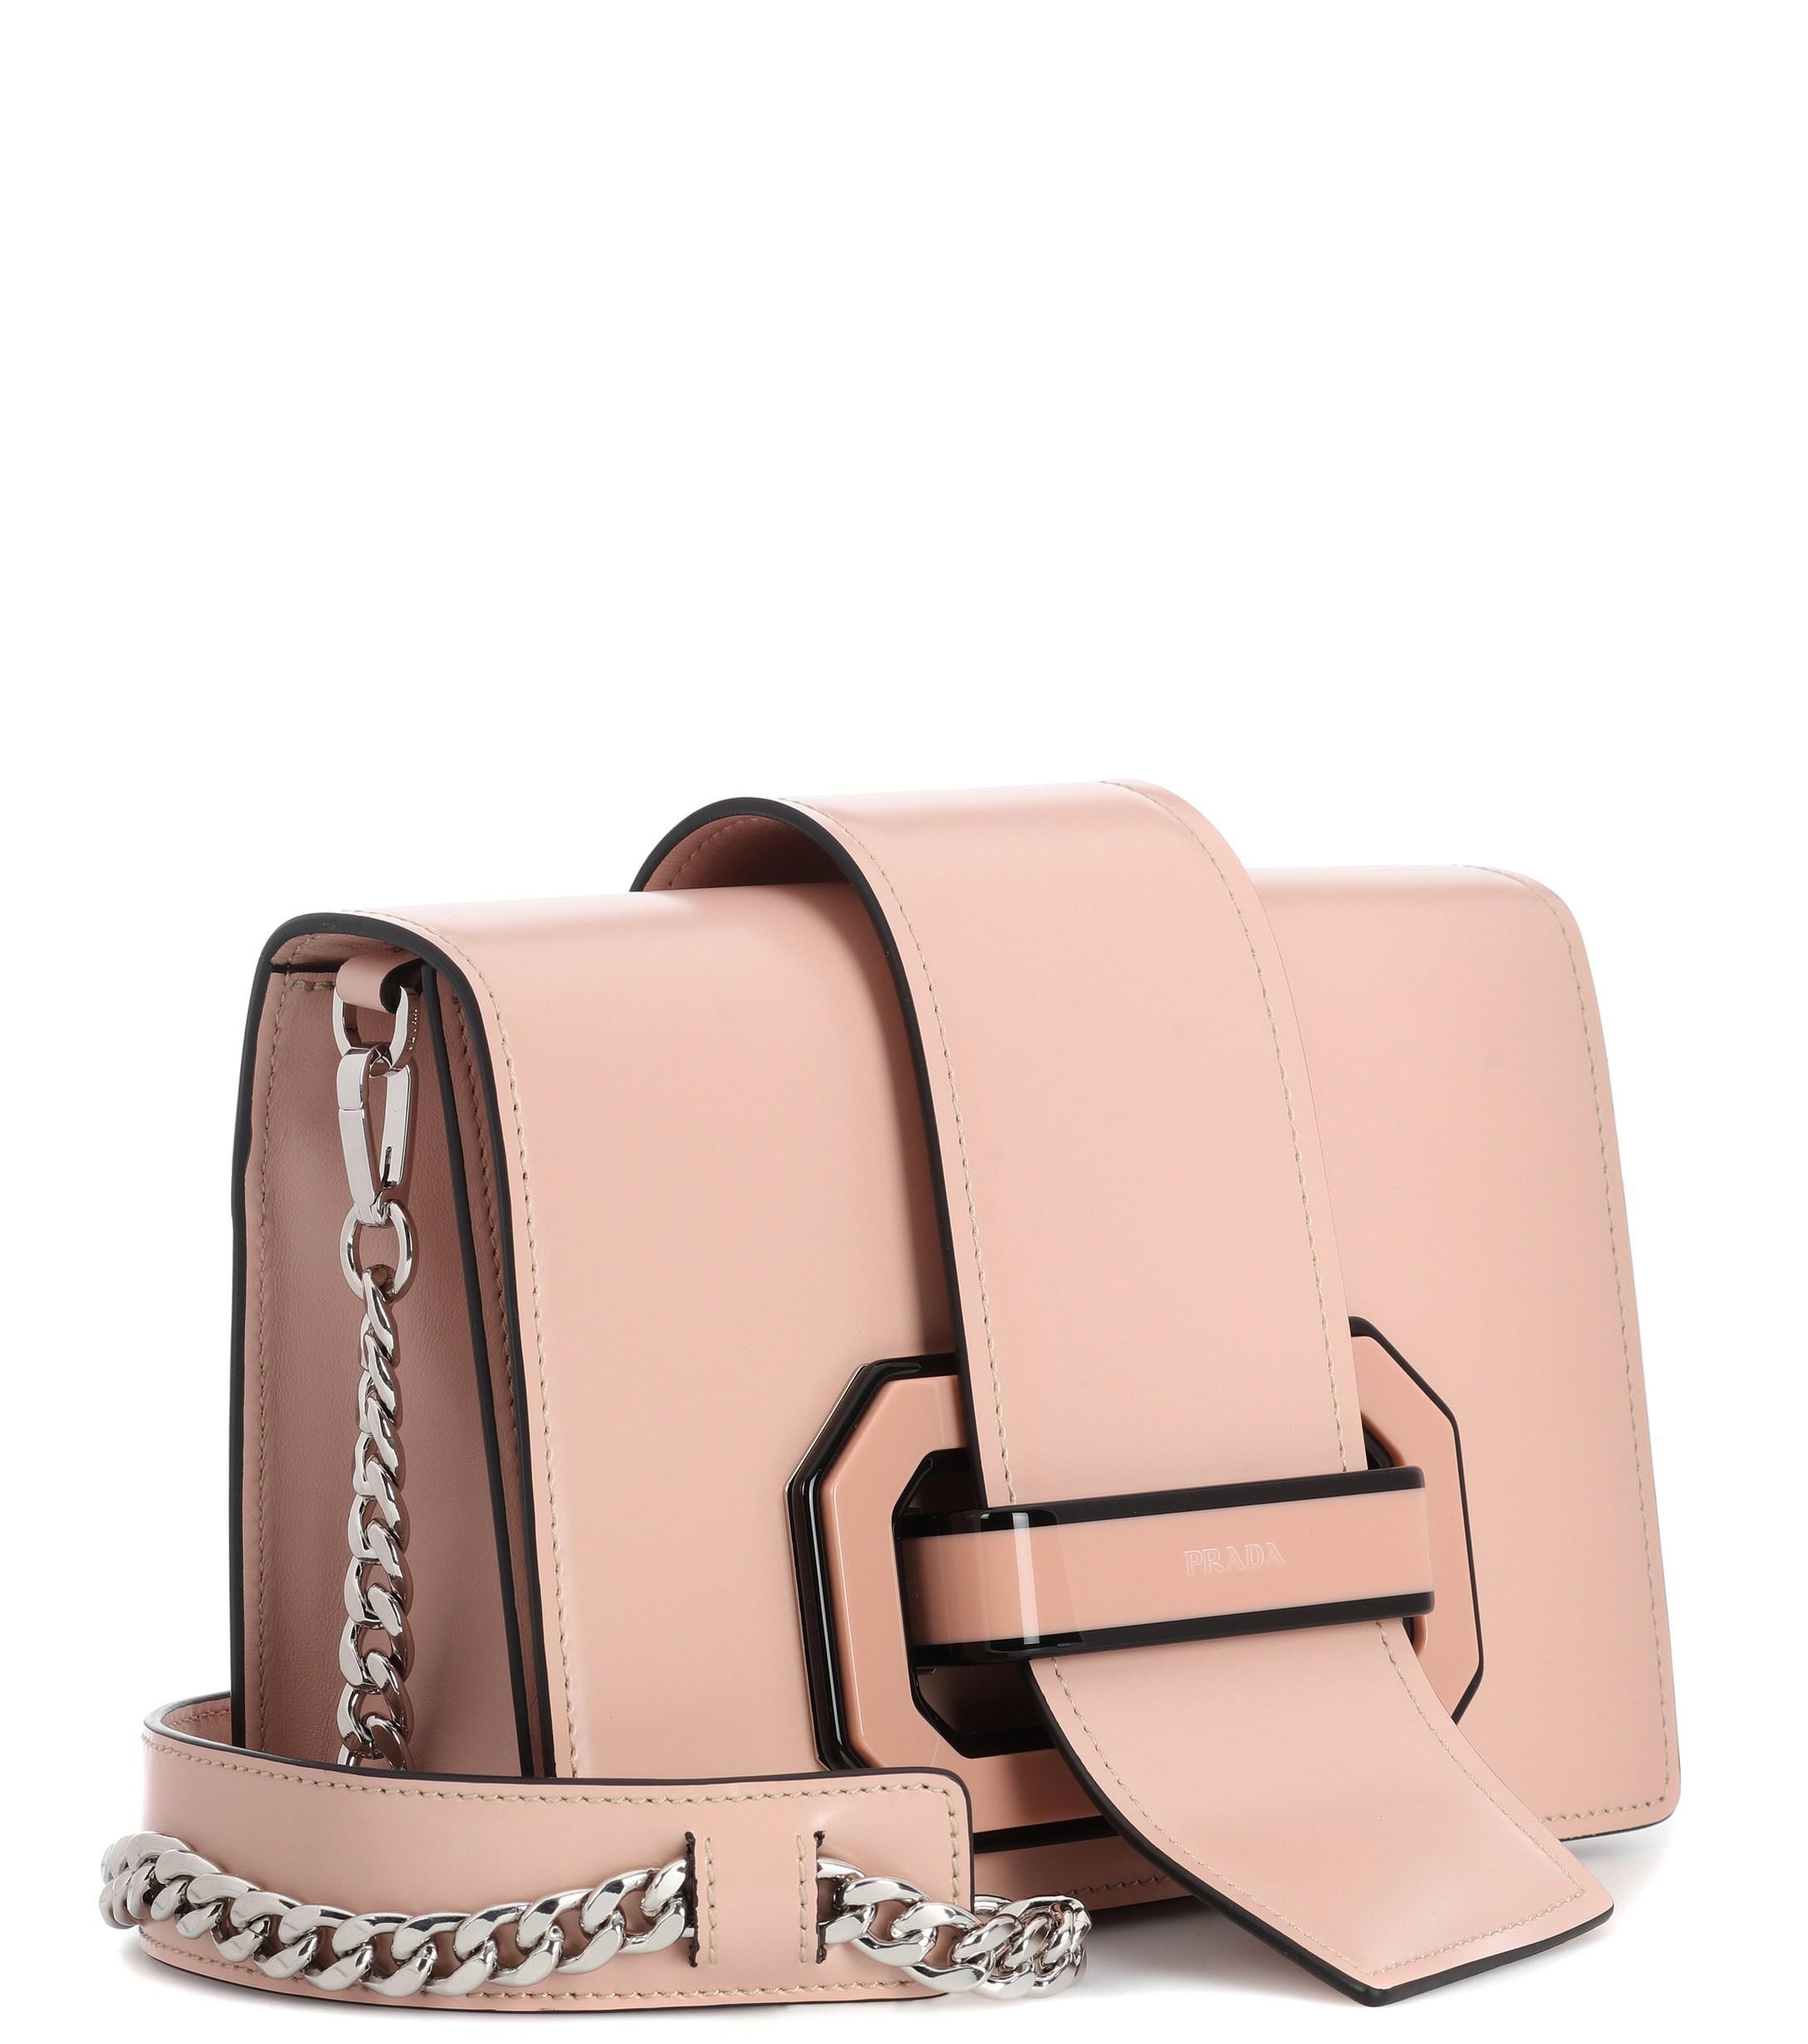 4217a9264a28 Prada Plex Ribbon Leather Shoulder Bag in Pink - Lyst